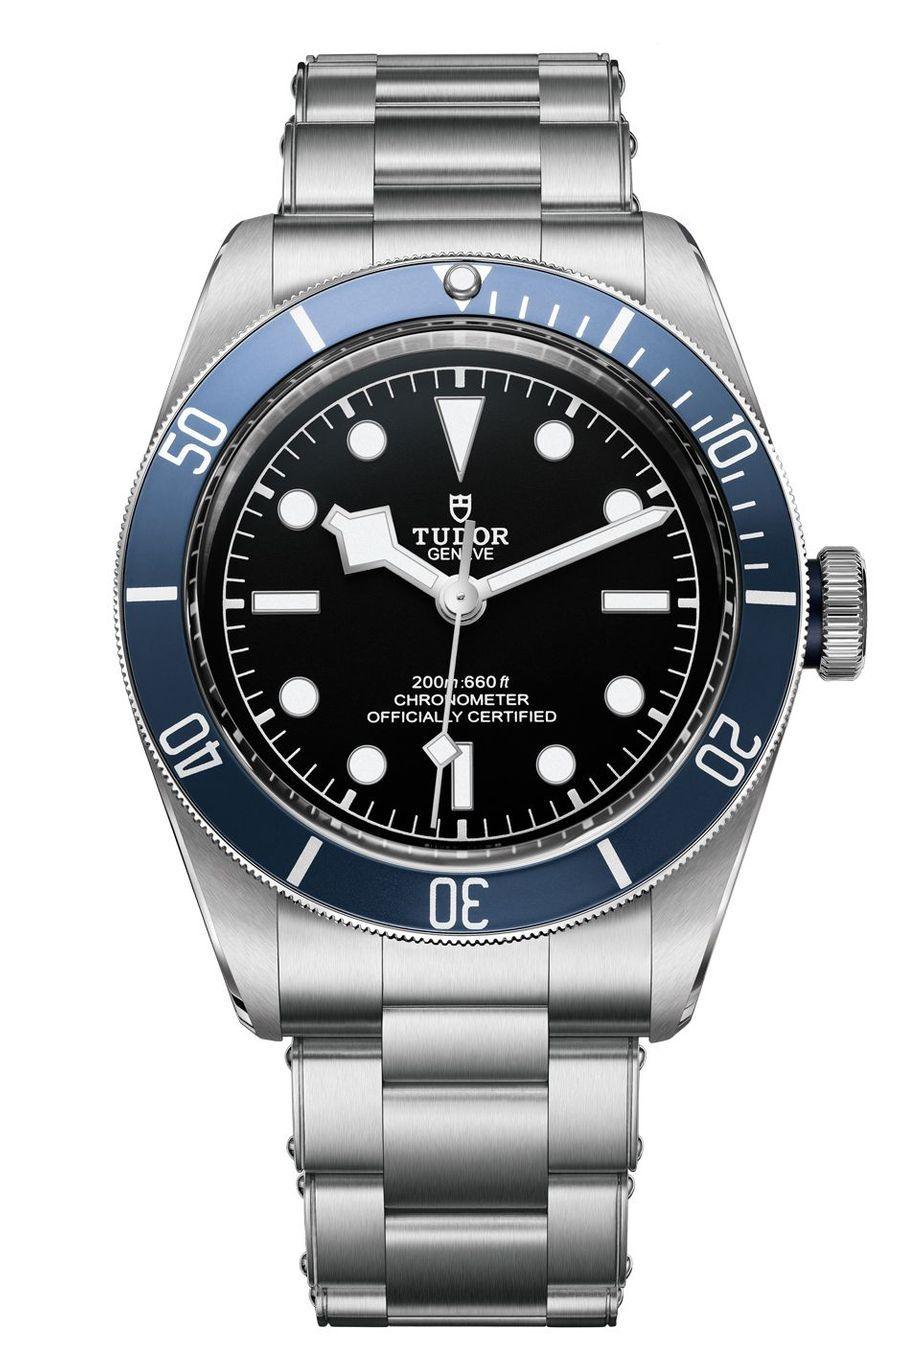 COS Heritage Black Bay en acier, 41 mm de diamètre, mouvement automatique, bracelet en acier. Tudor. 3 450 €.